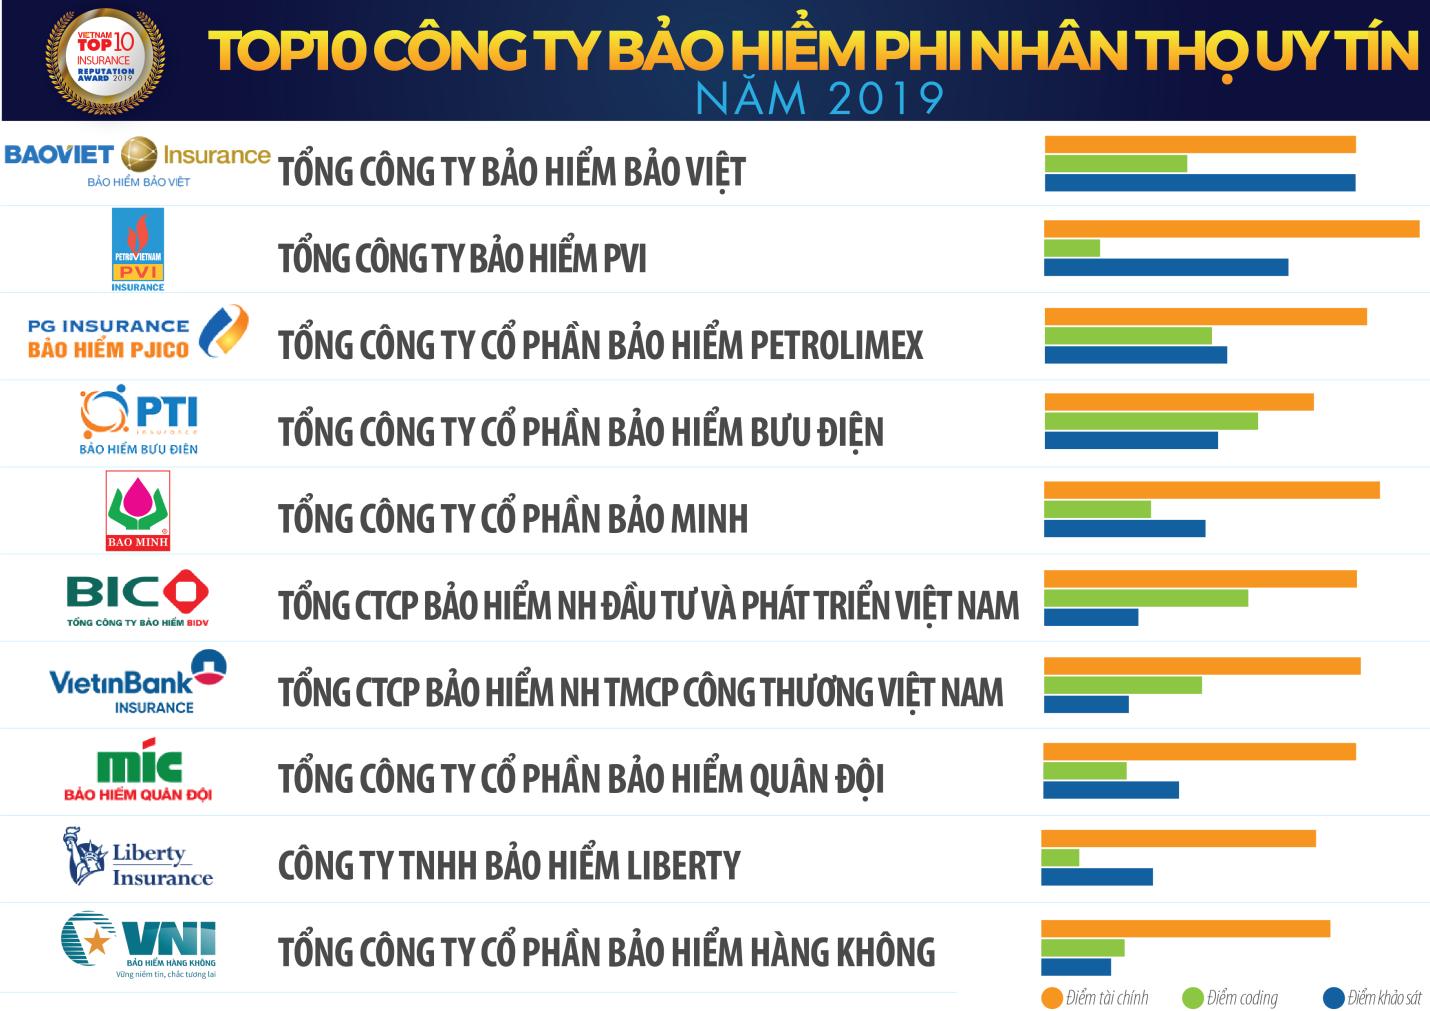 Bảo Minh bốn năm liên tục đứng trong Top 10 Công ty Bảo hiểm Phi nhân thọ Uy tín nhất